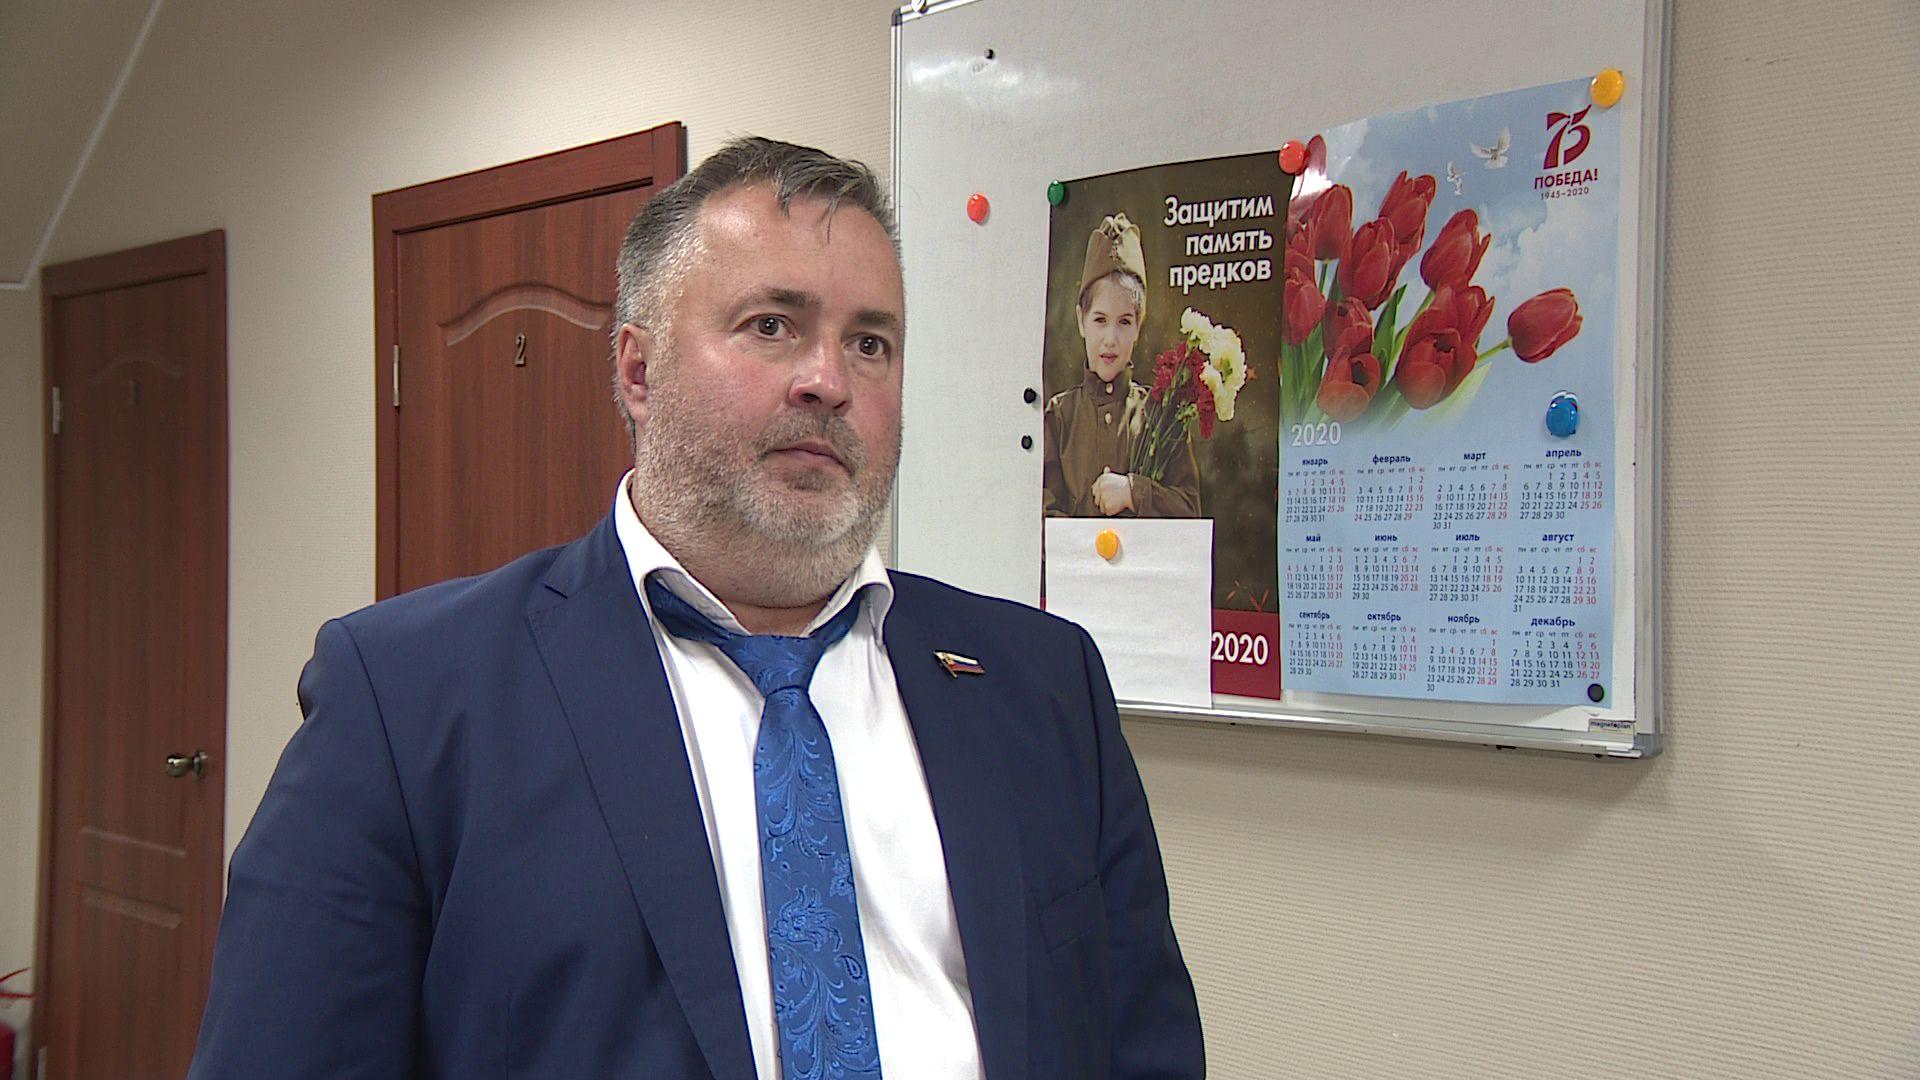 Андрей Щенников: «Ты можешь проголосовать, не отрываясь от рабочего места»